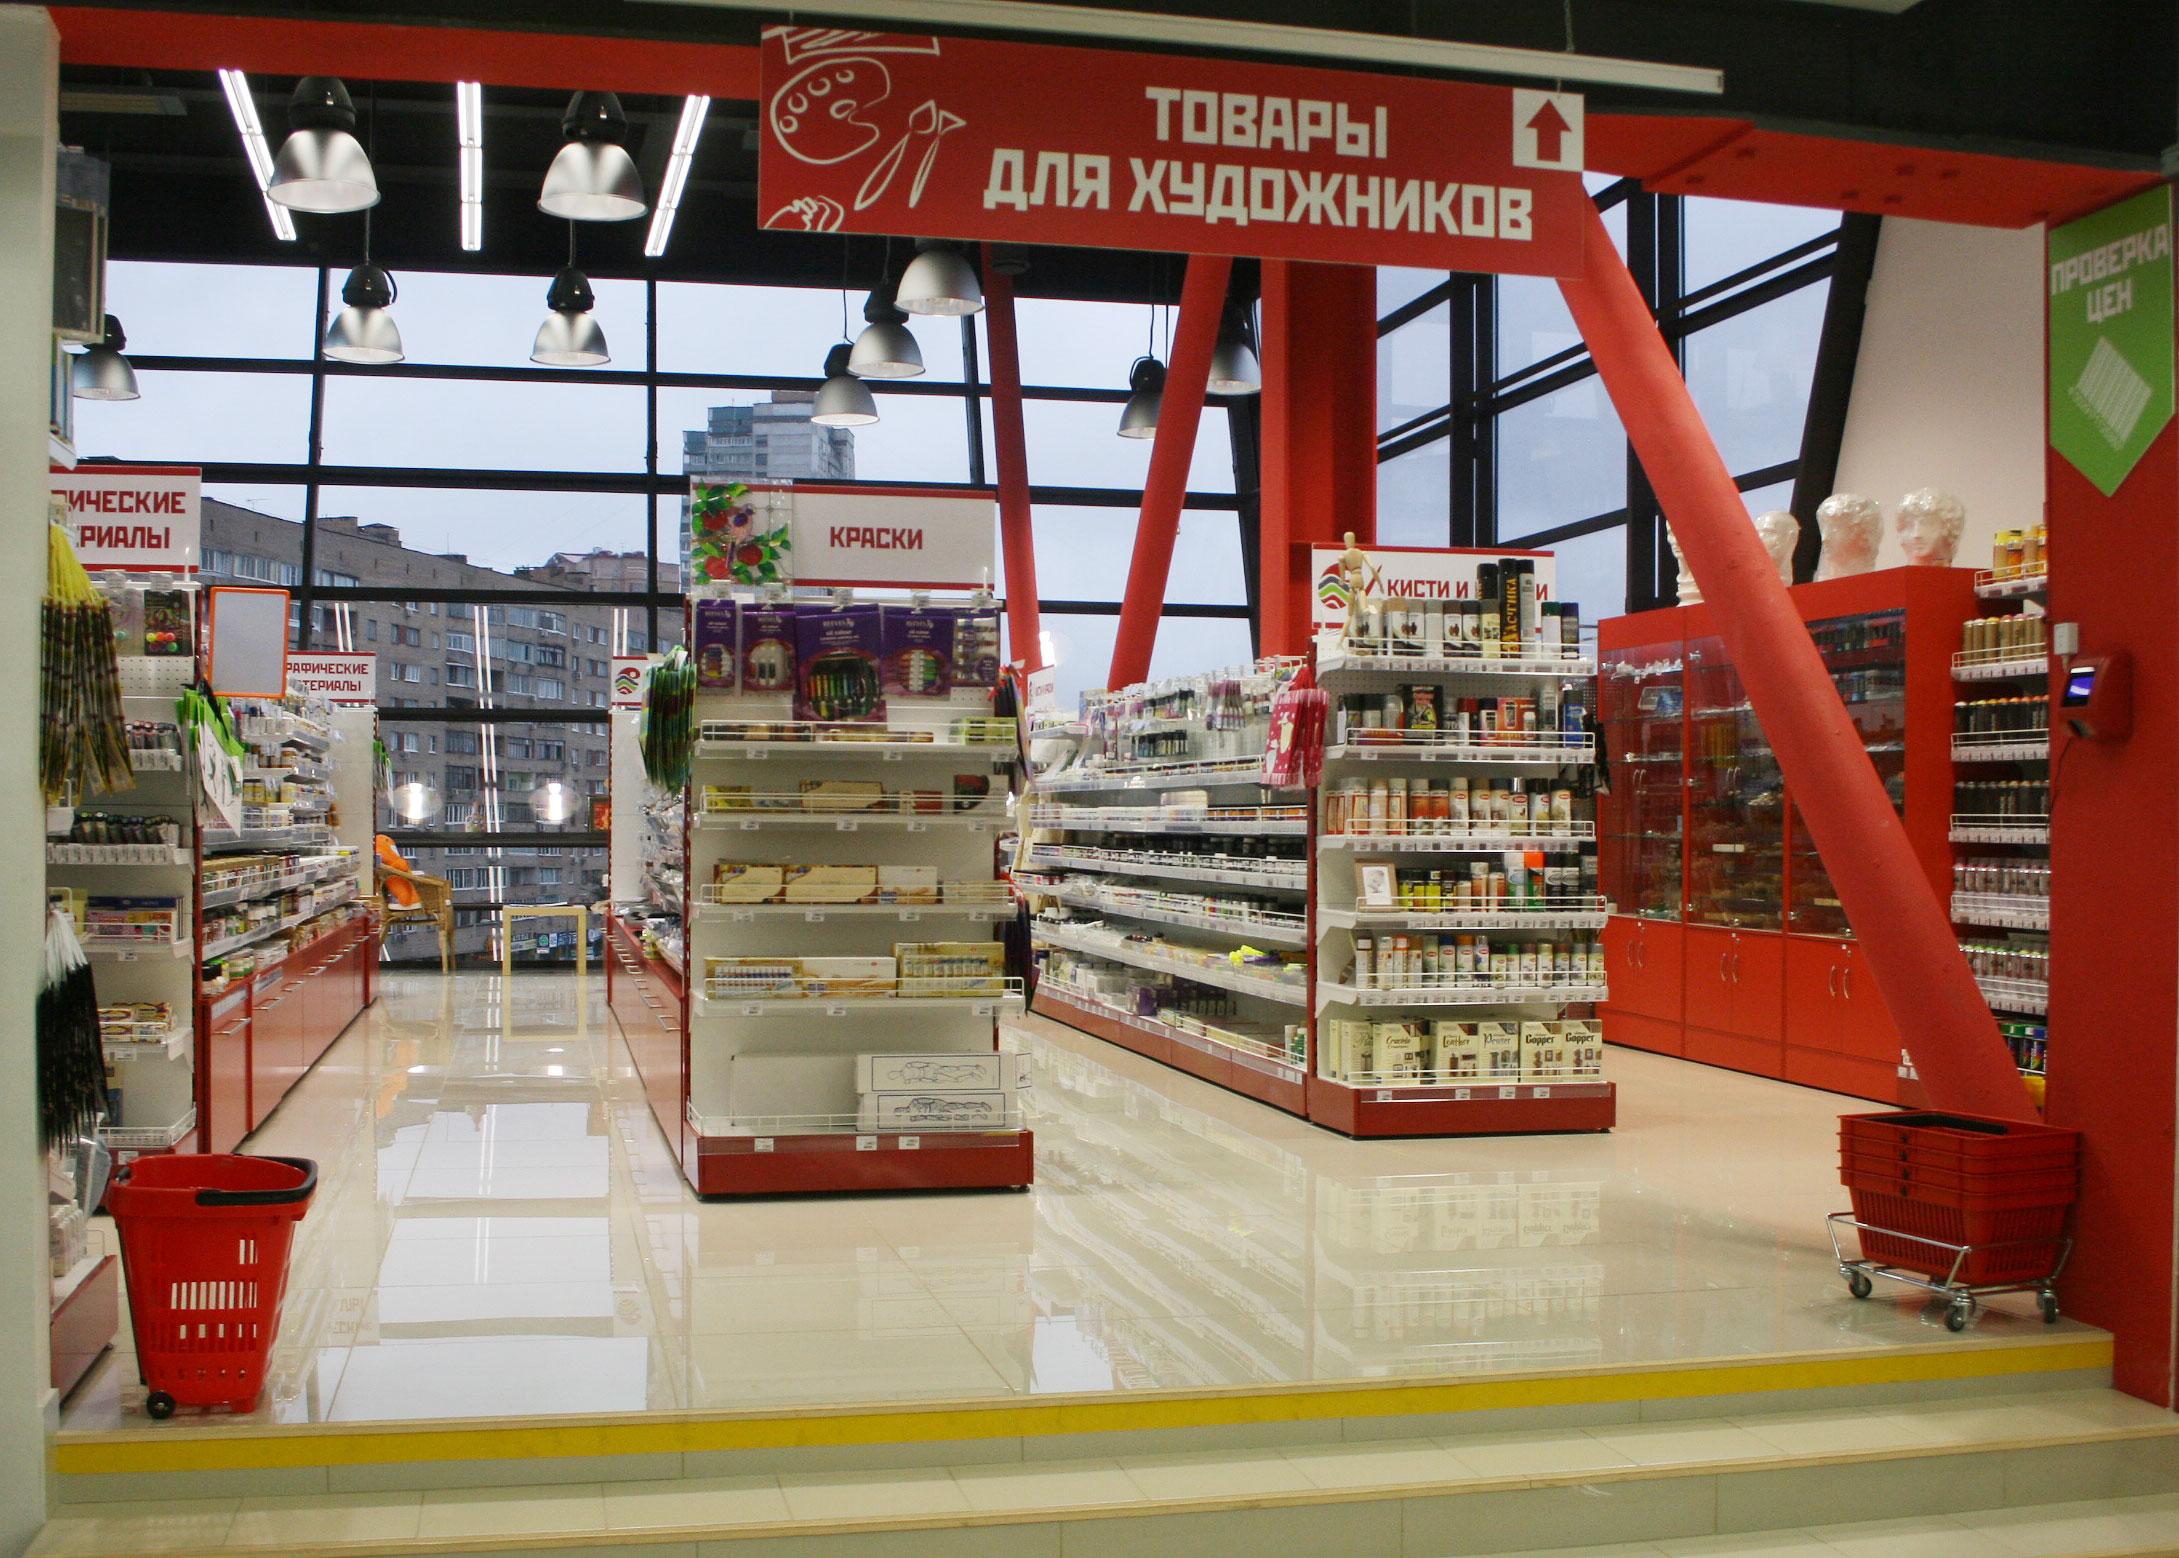 рыболовный интернет магазин варшавская